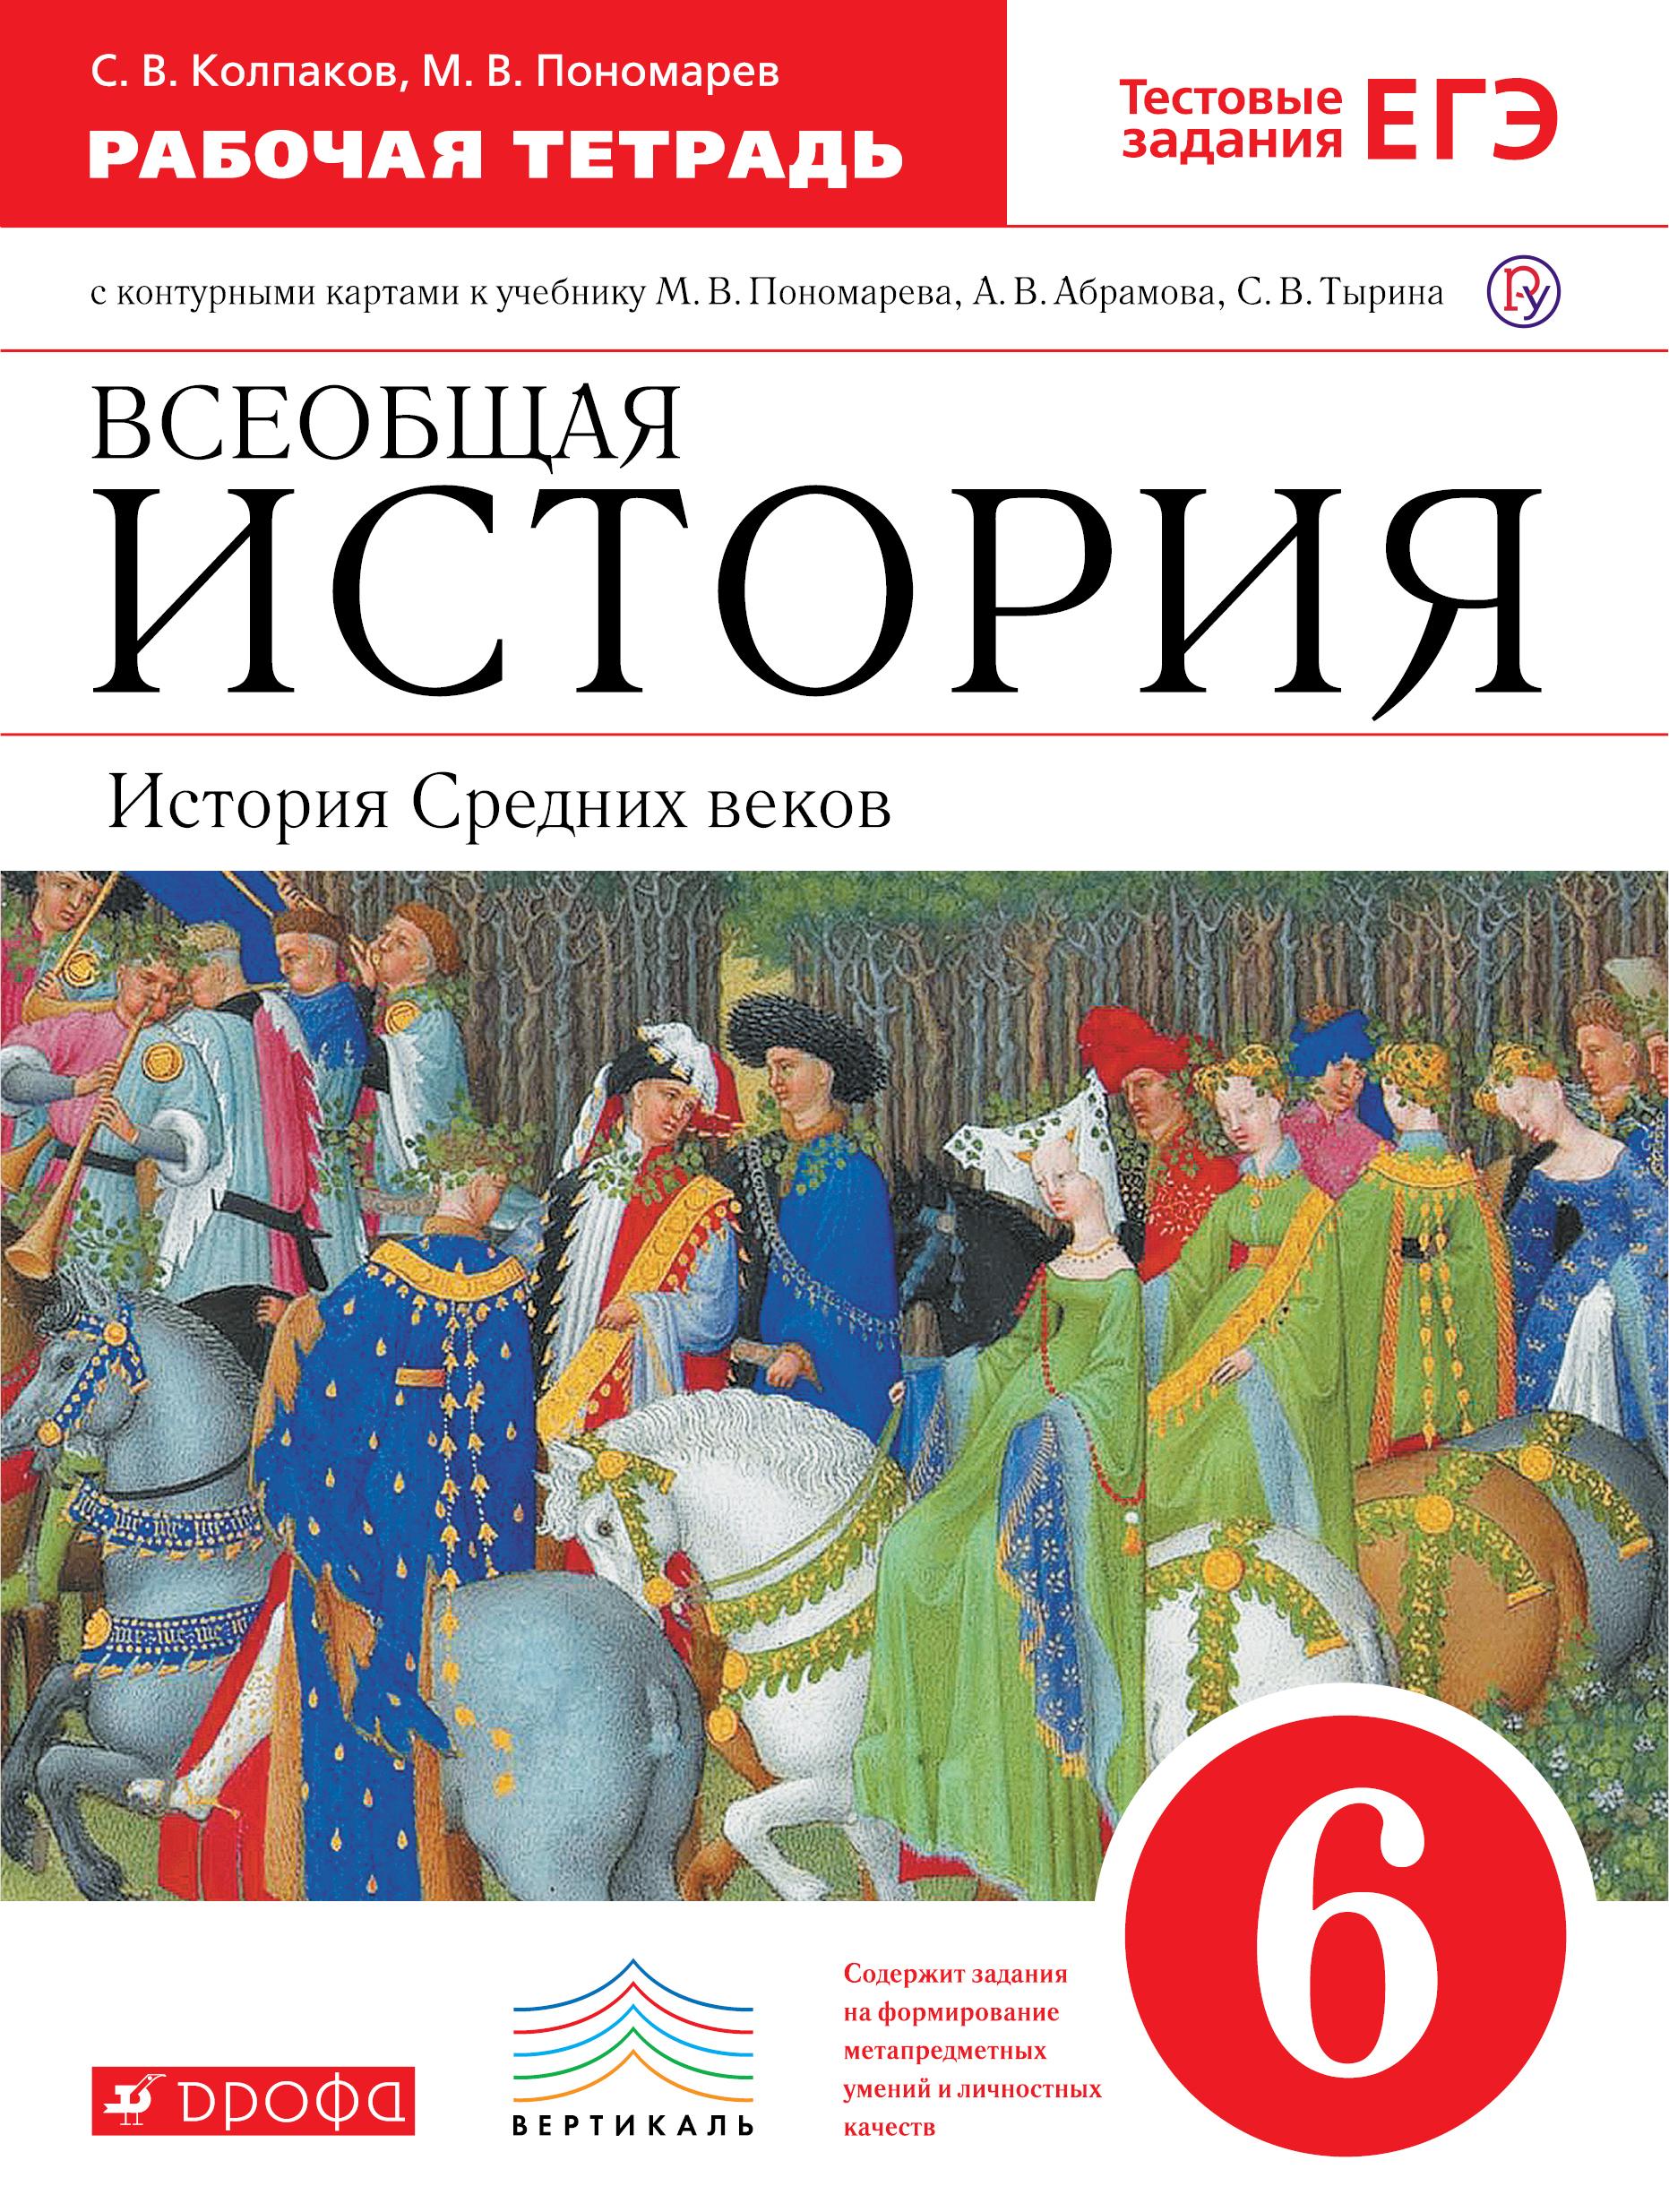 История Средних веков. 6 класс. Рабочая тетрадь с к/к.